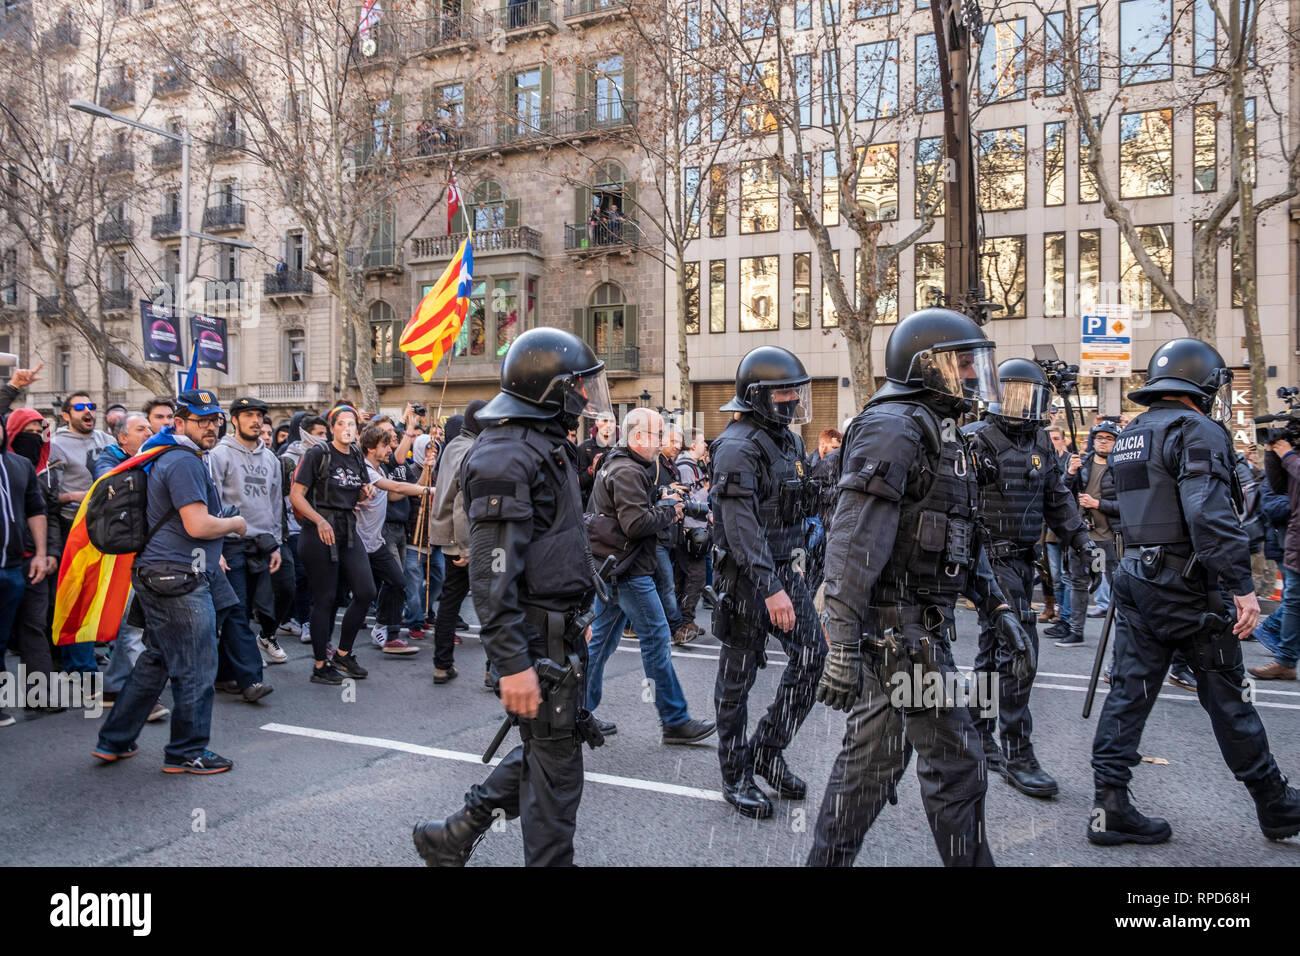 Agent durch die Polizei von den Mossos d'Escuadra auf dem Rückzug nach mehreren Anklagen gegen die Demonstranten während der Streik gesehen werden. Ein Generalstreik in Katalonien zu Rechte, der Freiheit und der Versuche, die in den Obersten Gerichtshof in Madrid, kündigen. Organisiert von der intersindical-CsC, zahlreiche Demonstranten haben den Generalstreik in allen Catalunya mit Verkehr Anschlägen in den wichtigsten städtischen Straßen. Stockfoto